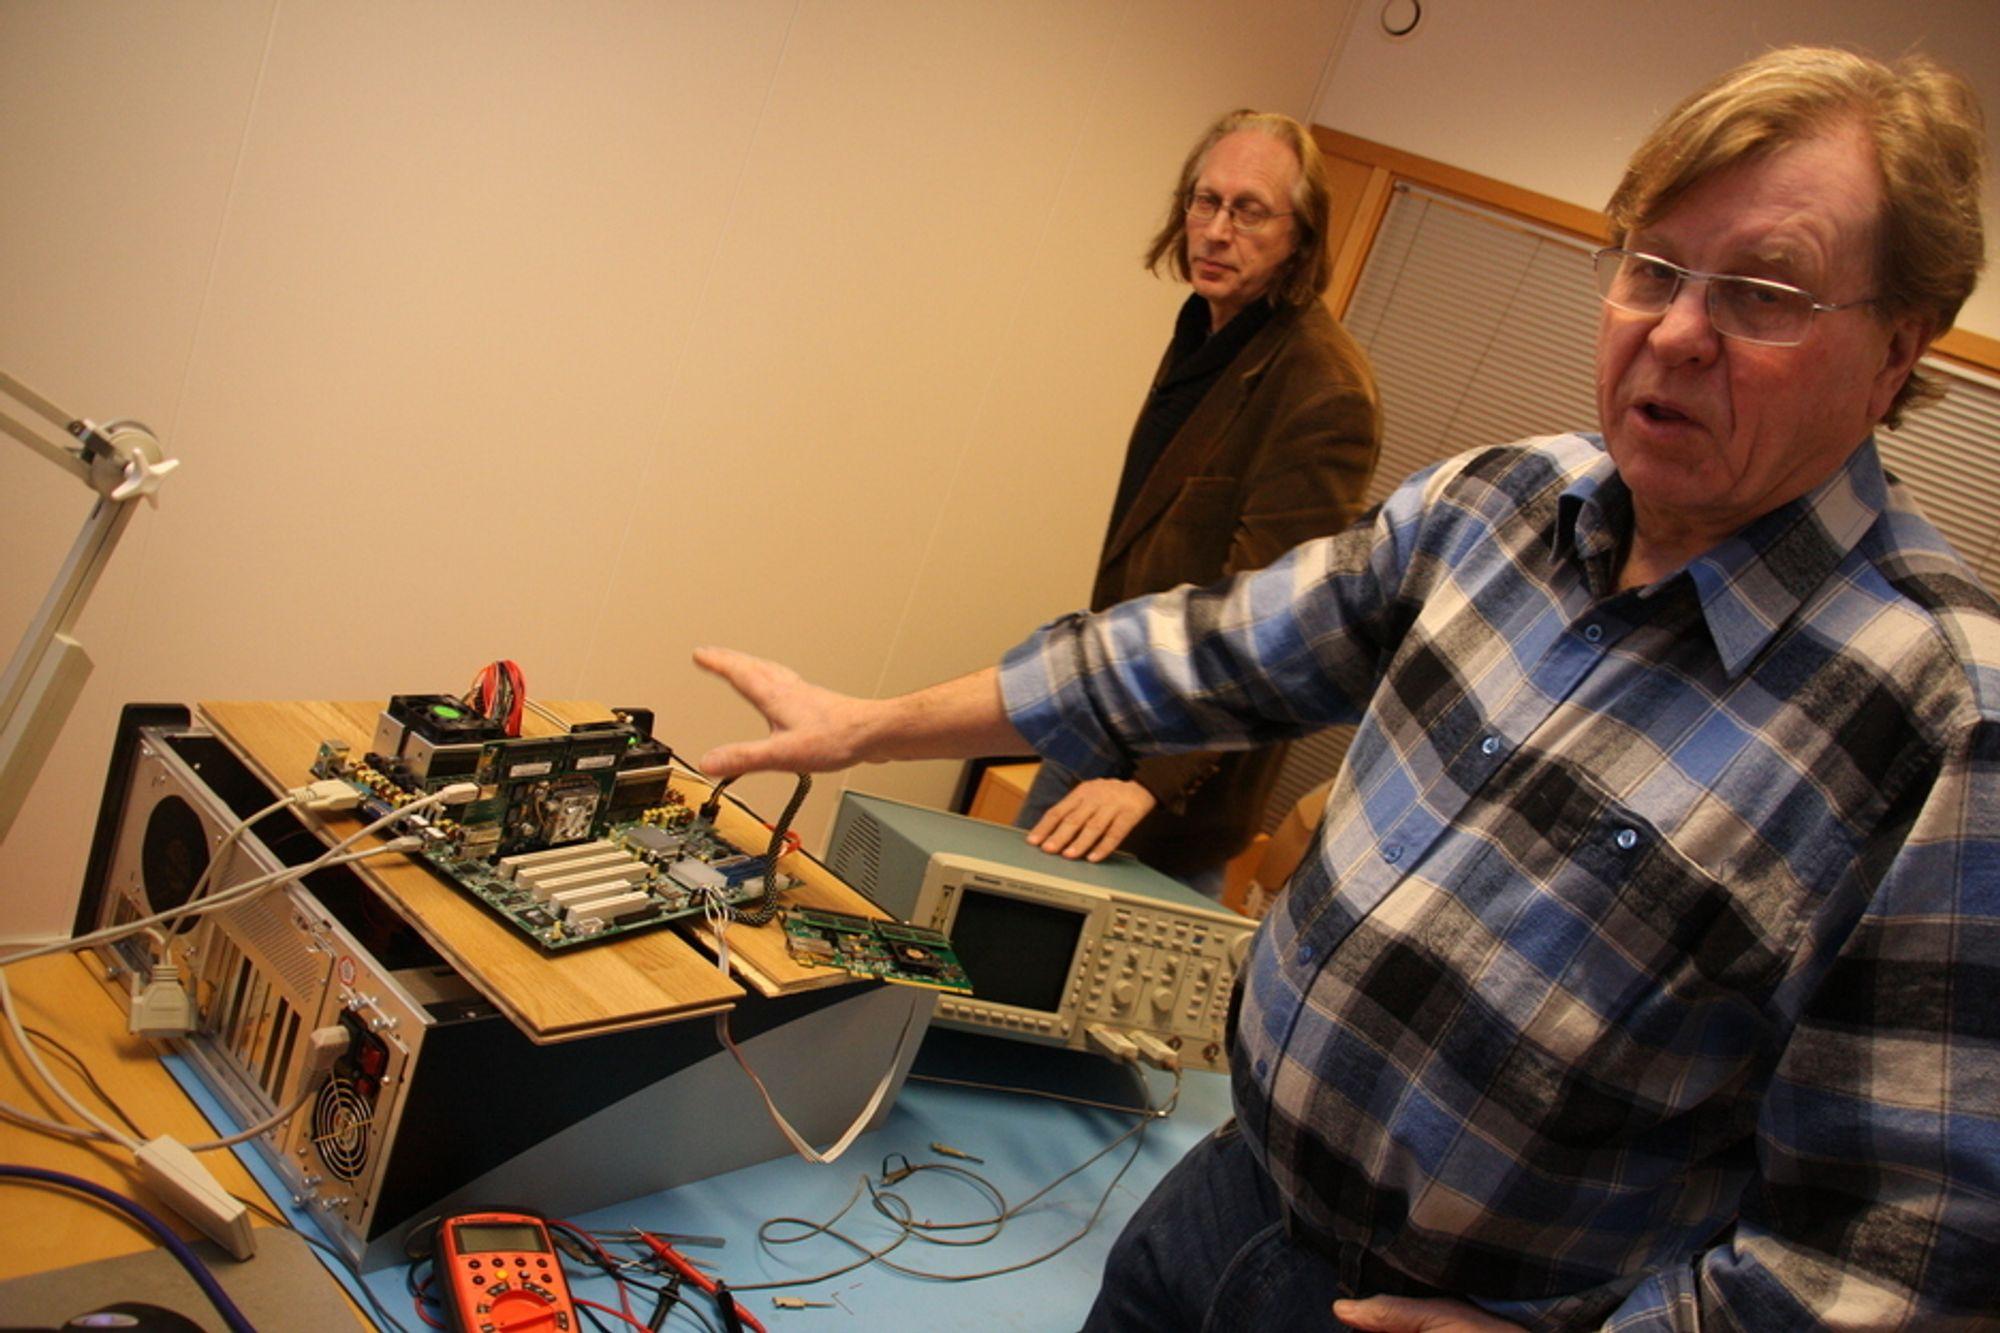 SKALA: Numascale-sjef Kåre Løchsen (foran) og nestkommanderende Einar Rustad får mulighet til å teste ut minneteknologien i stor skala.